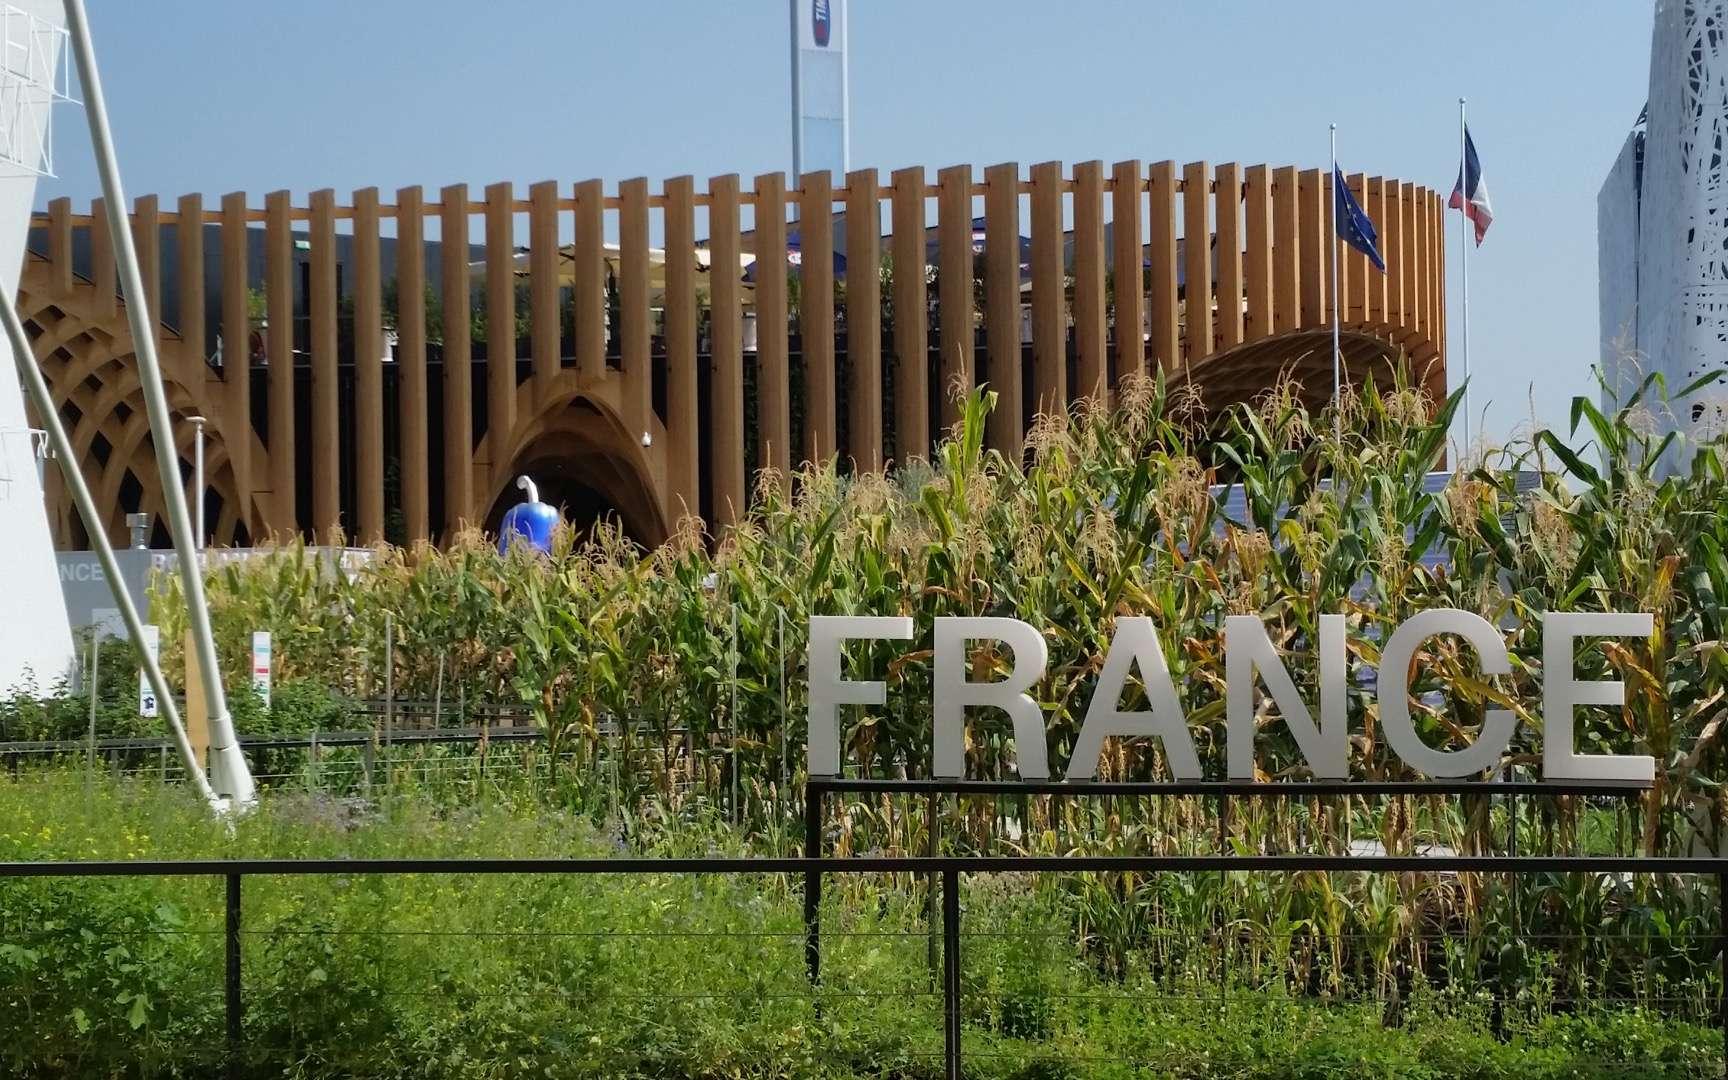 Le pavillon de France lors de l'Exposition universelle de Milan (Italie), en 2015. © Davric, Wikimedia Commons, CC by-sa 4.0